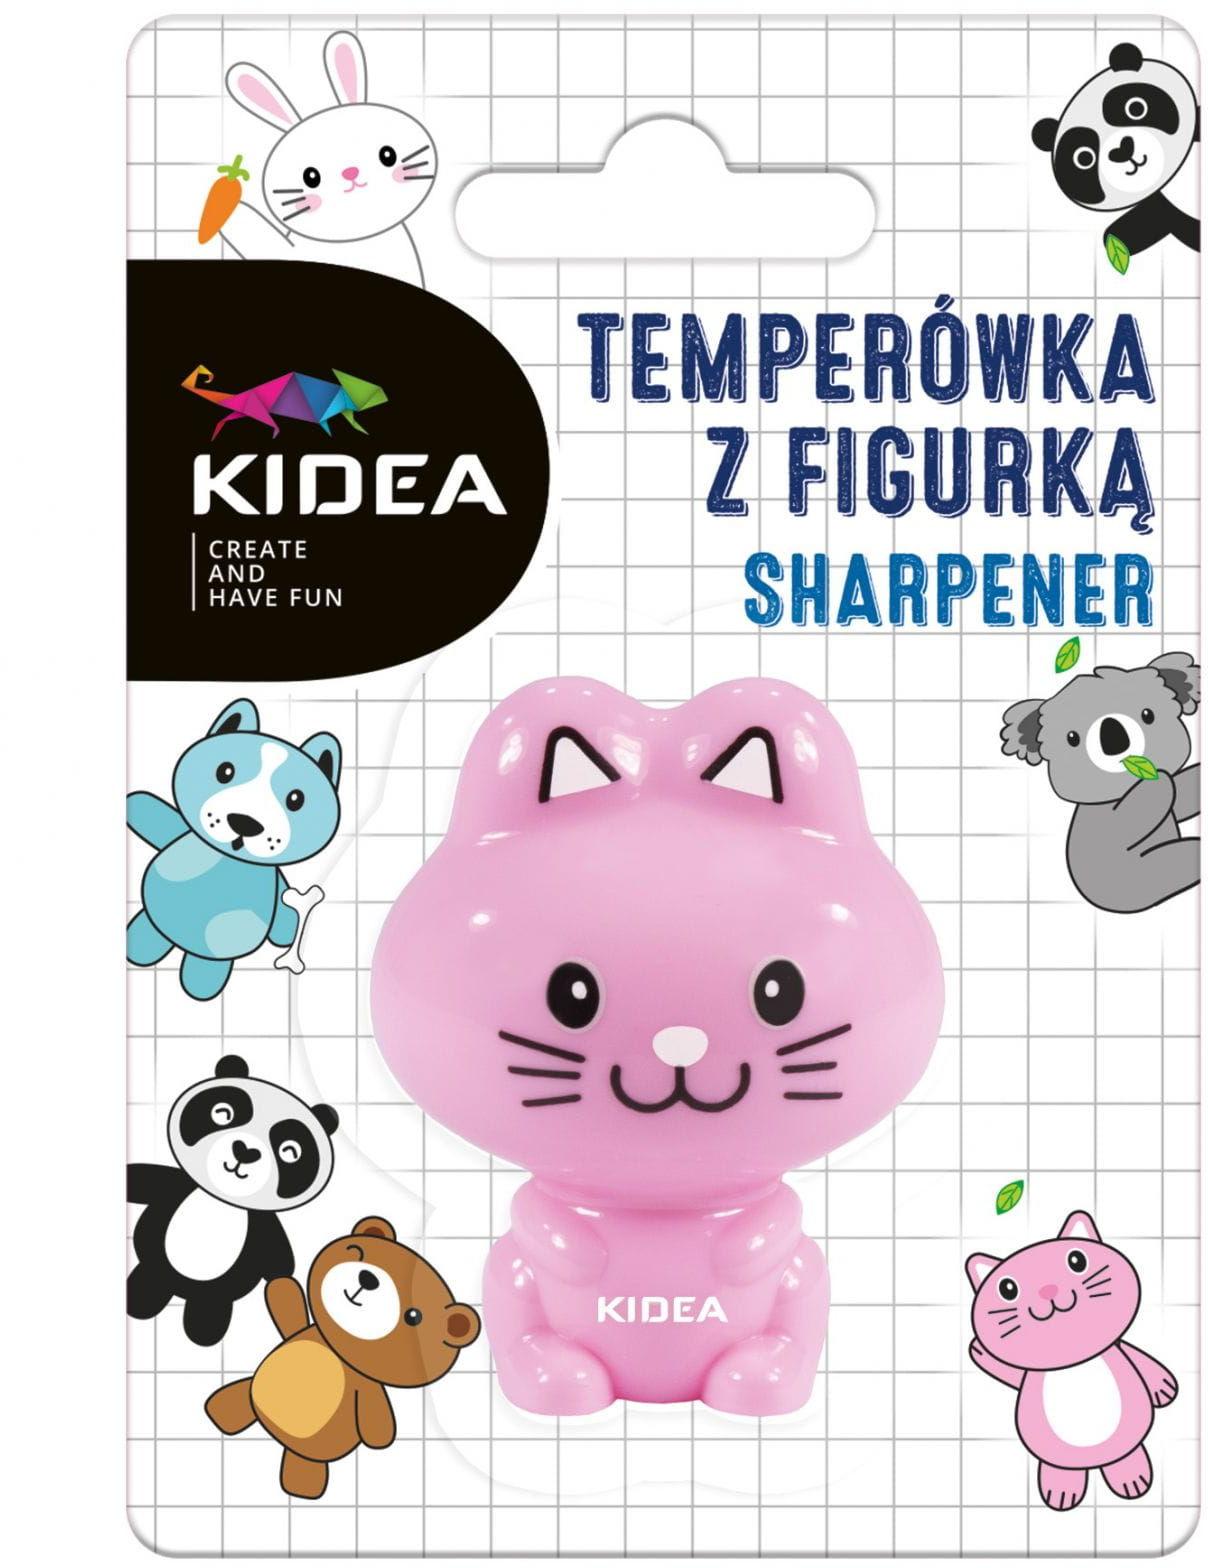 Temperówka figurka Kidea